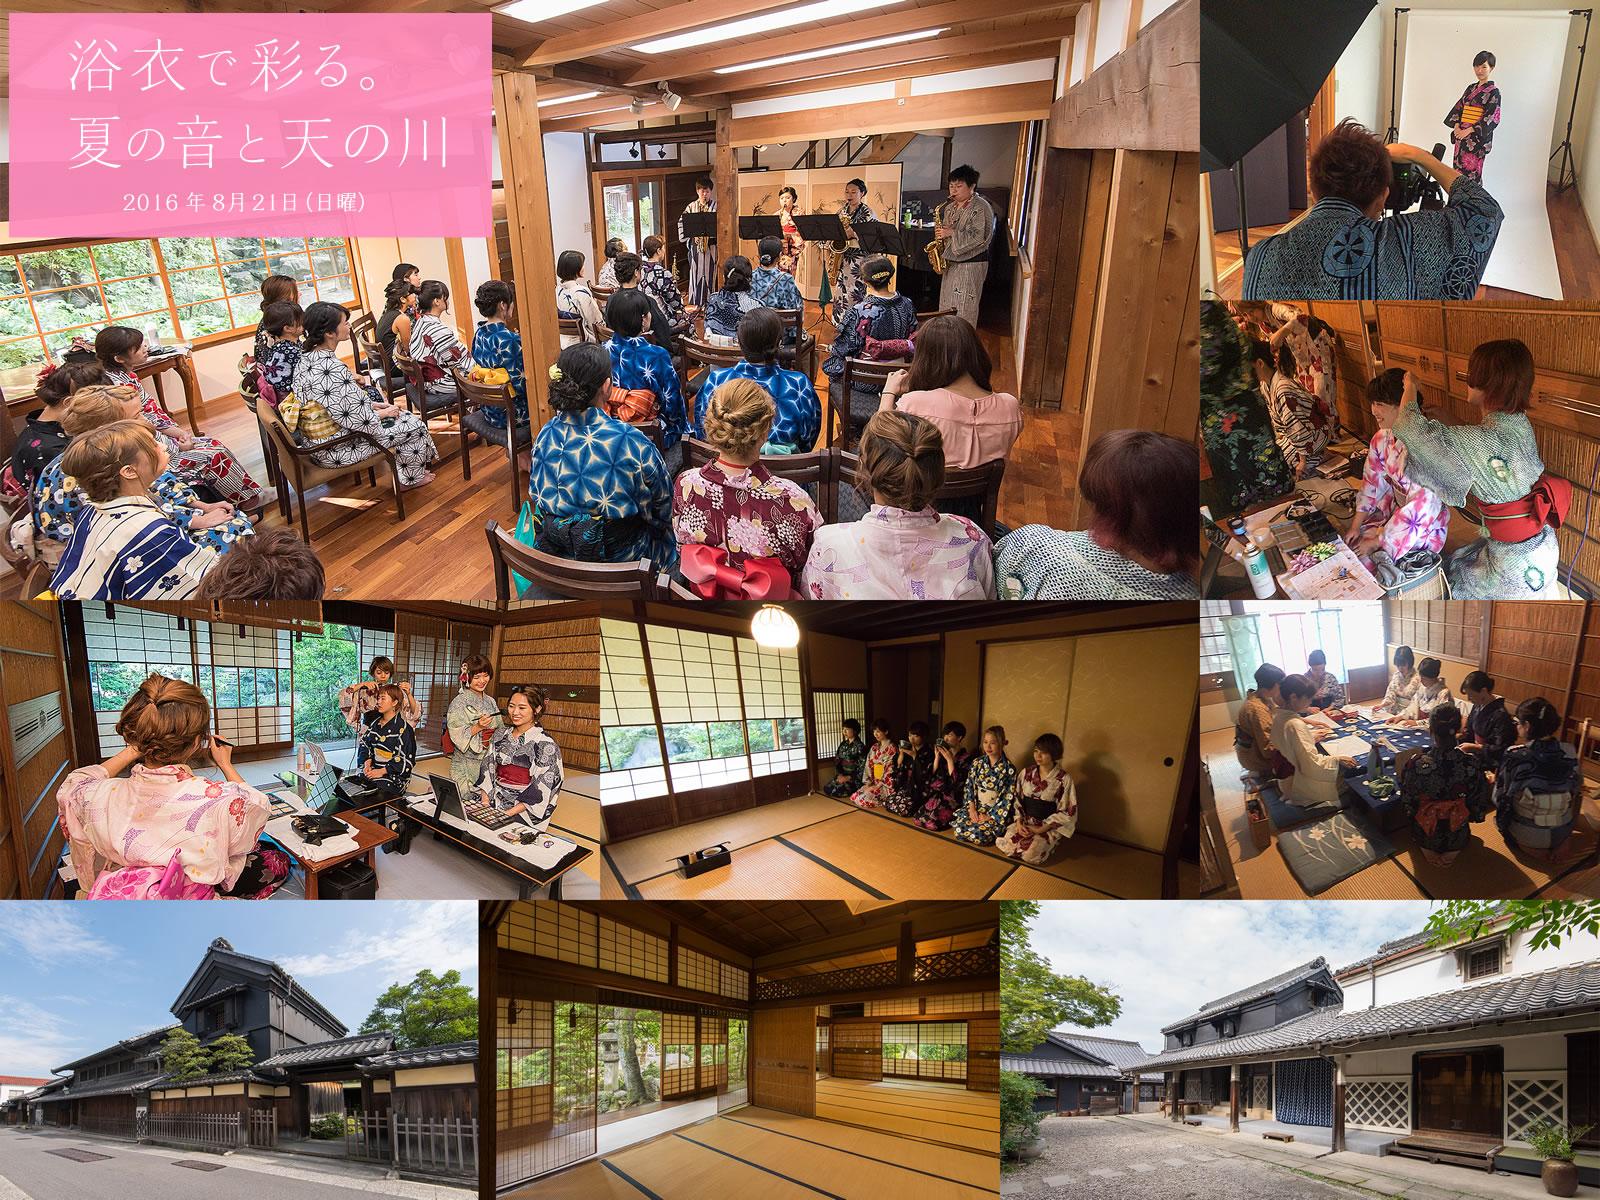 natsu-photo-2016_mj